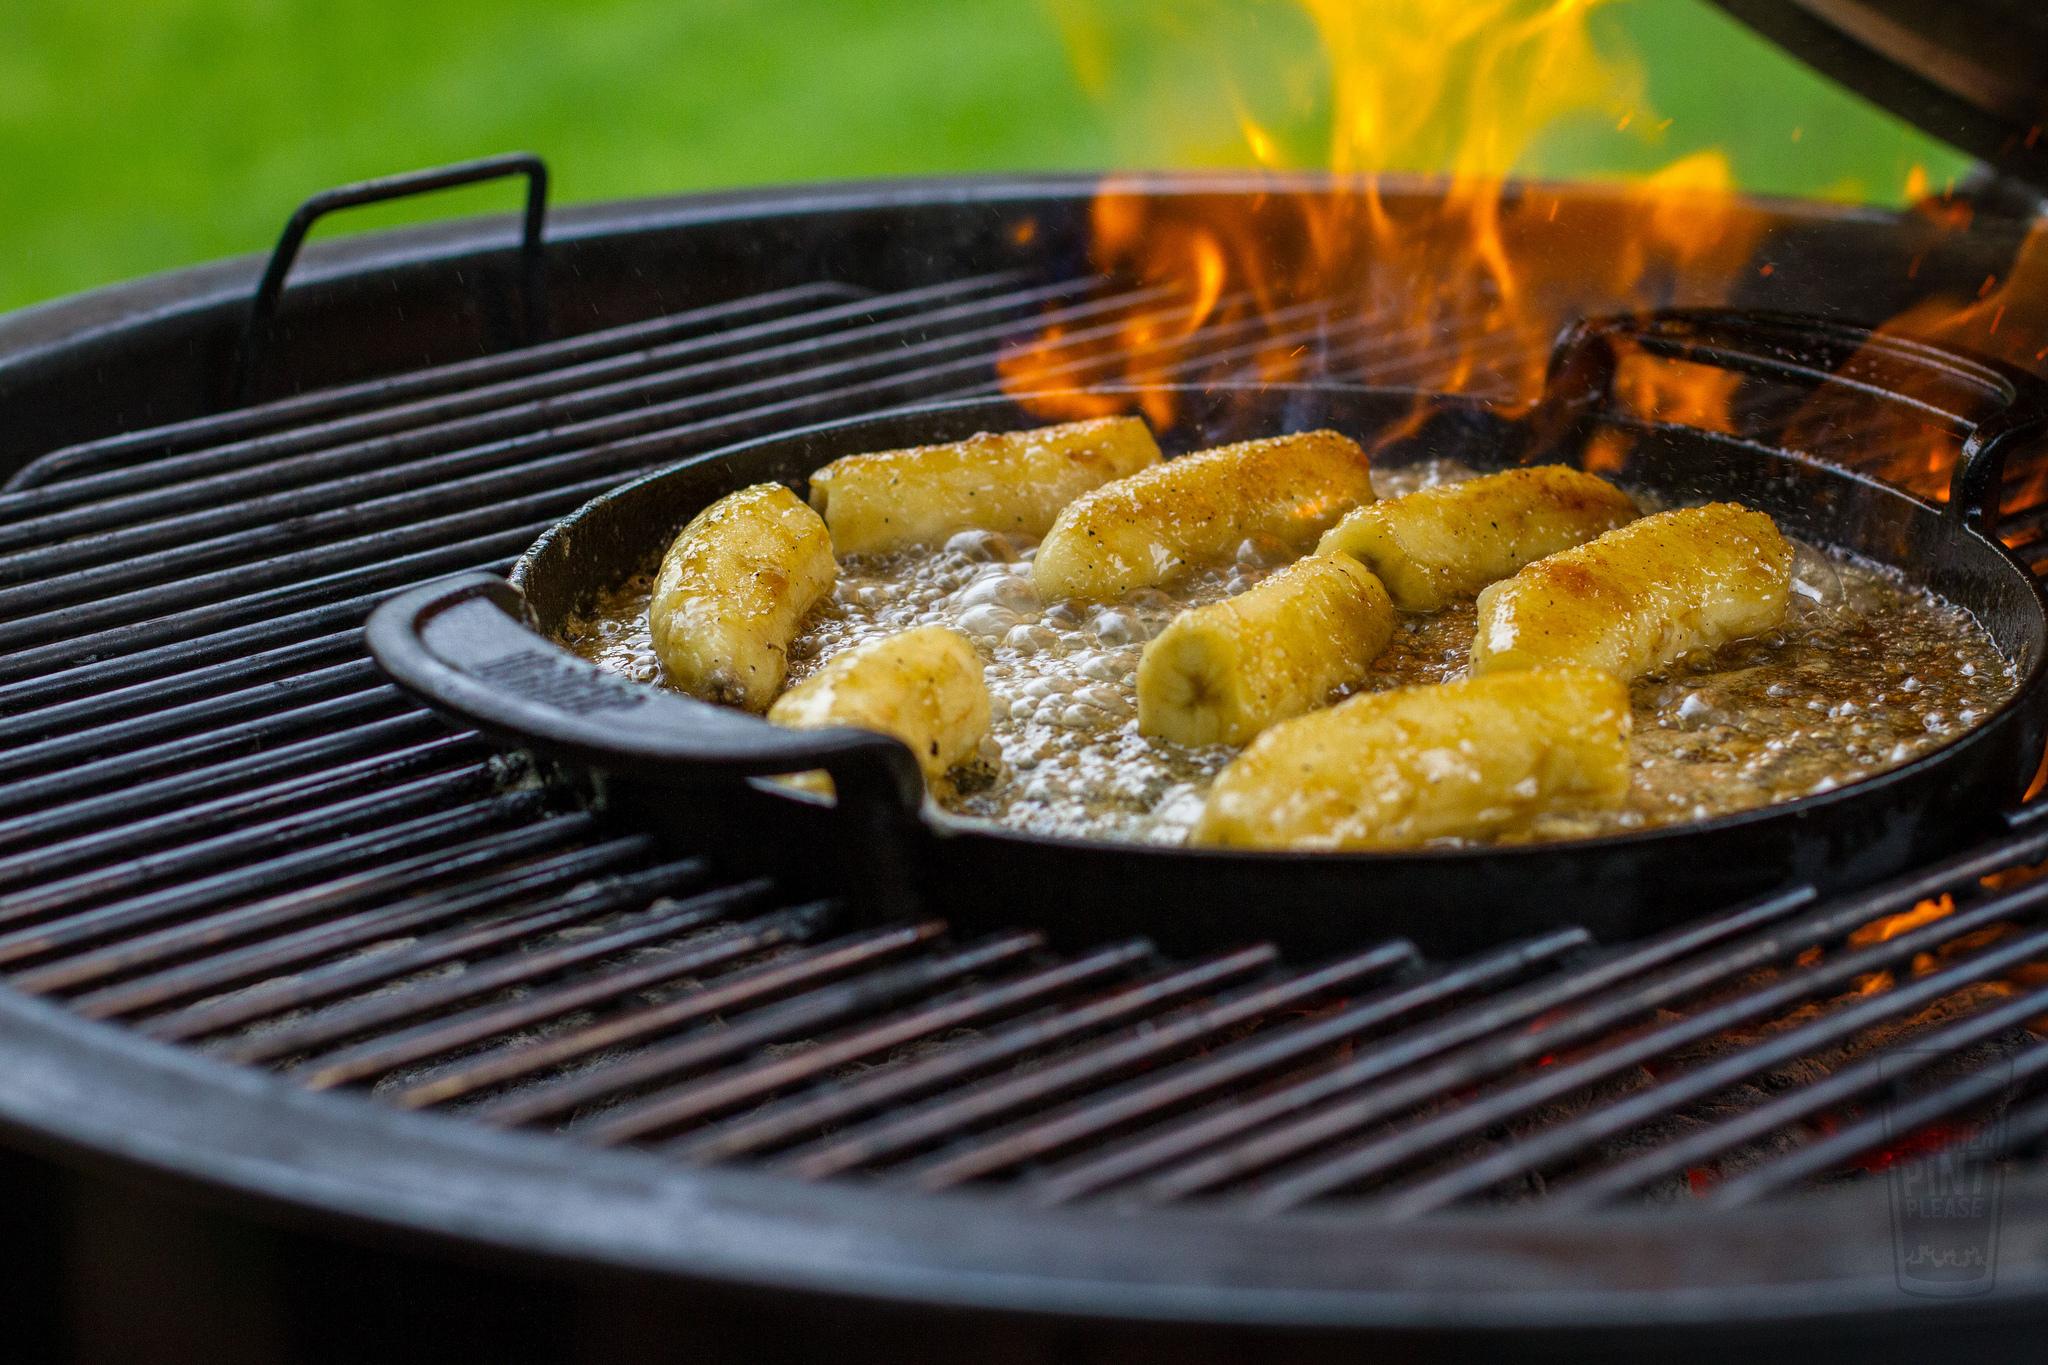 banana flambe on weber grill.jpg